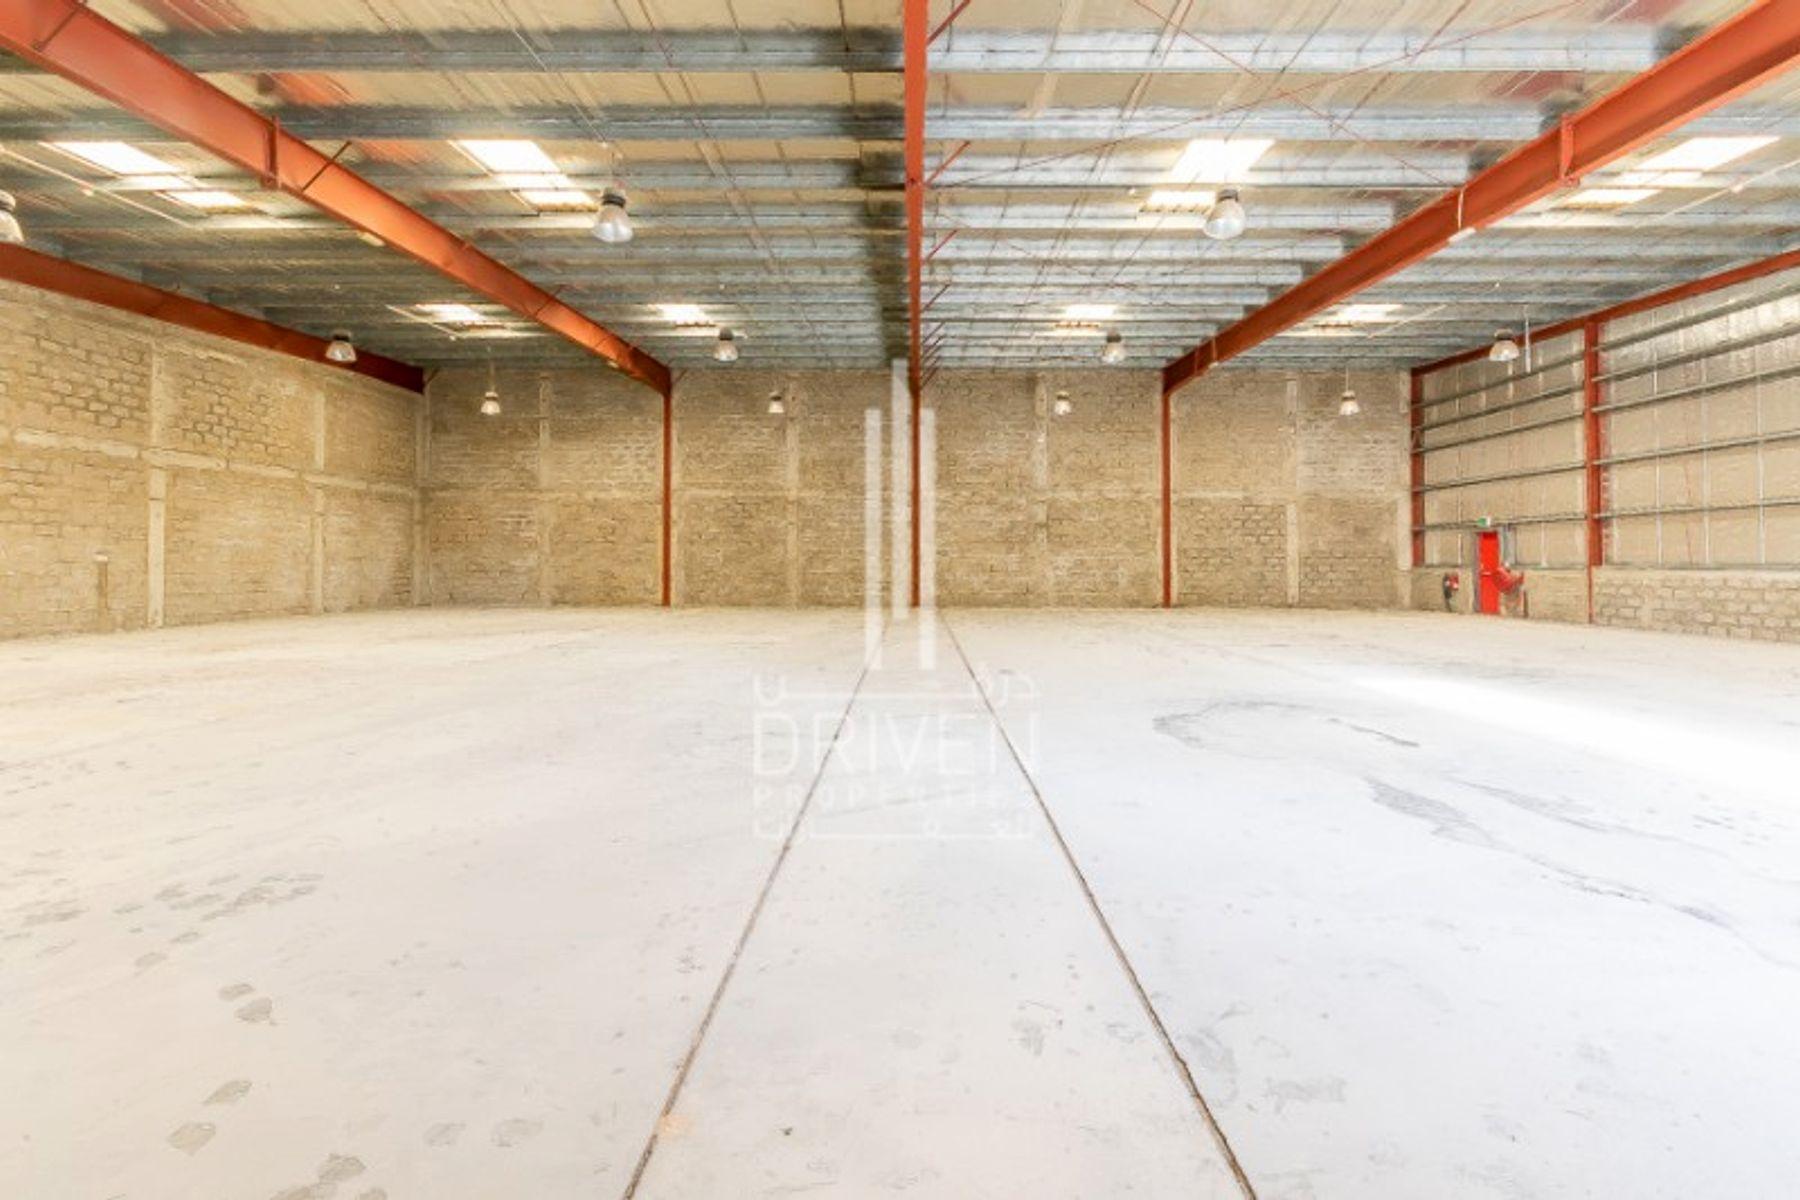 8,400 قدم مربع  مستودع - للايجار - مجمع دبي للإستثمار